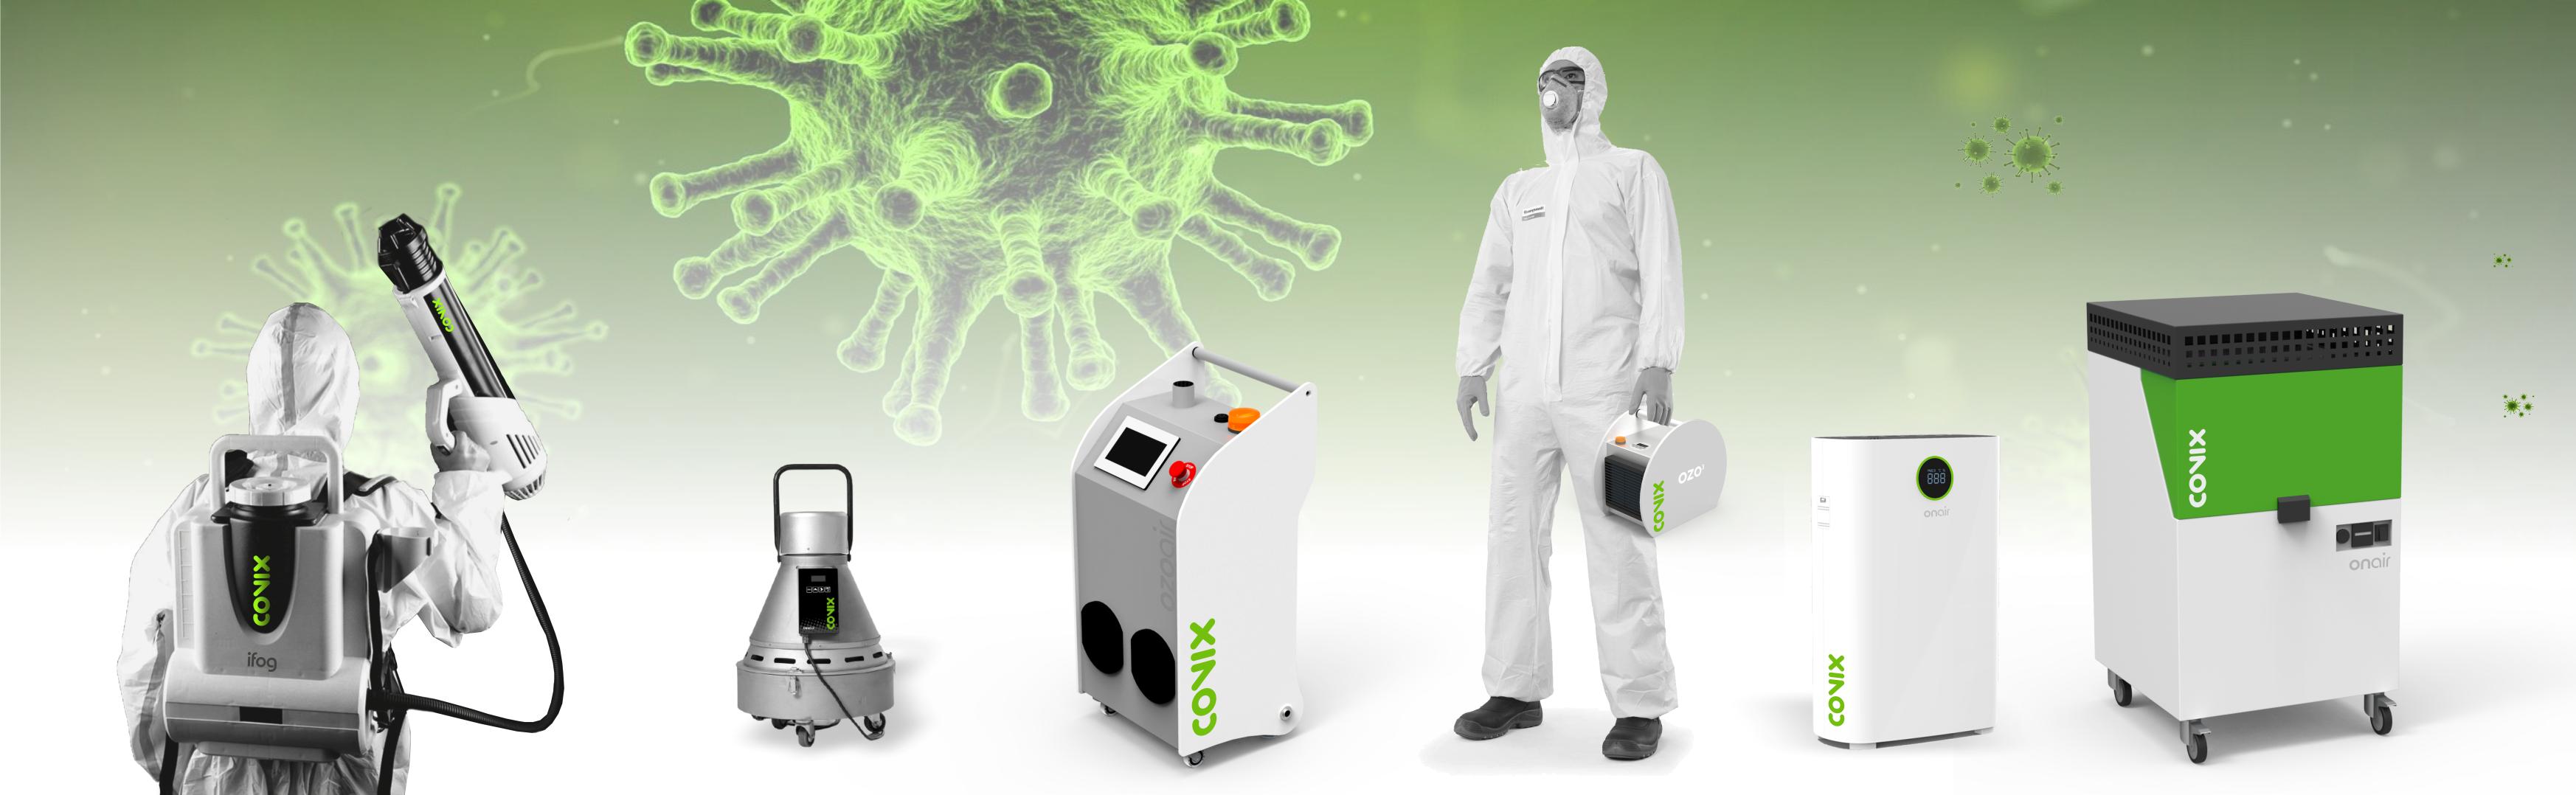 attrezzatura per la disinfezione dei virus